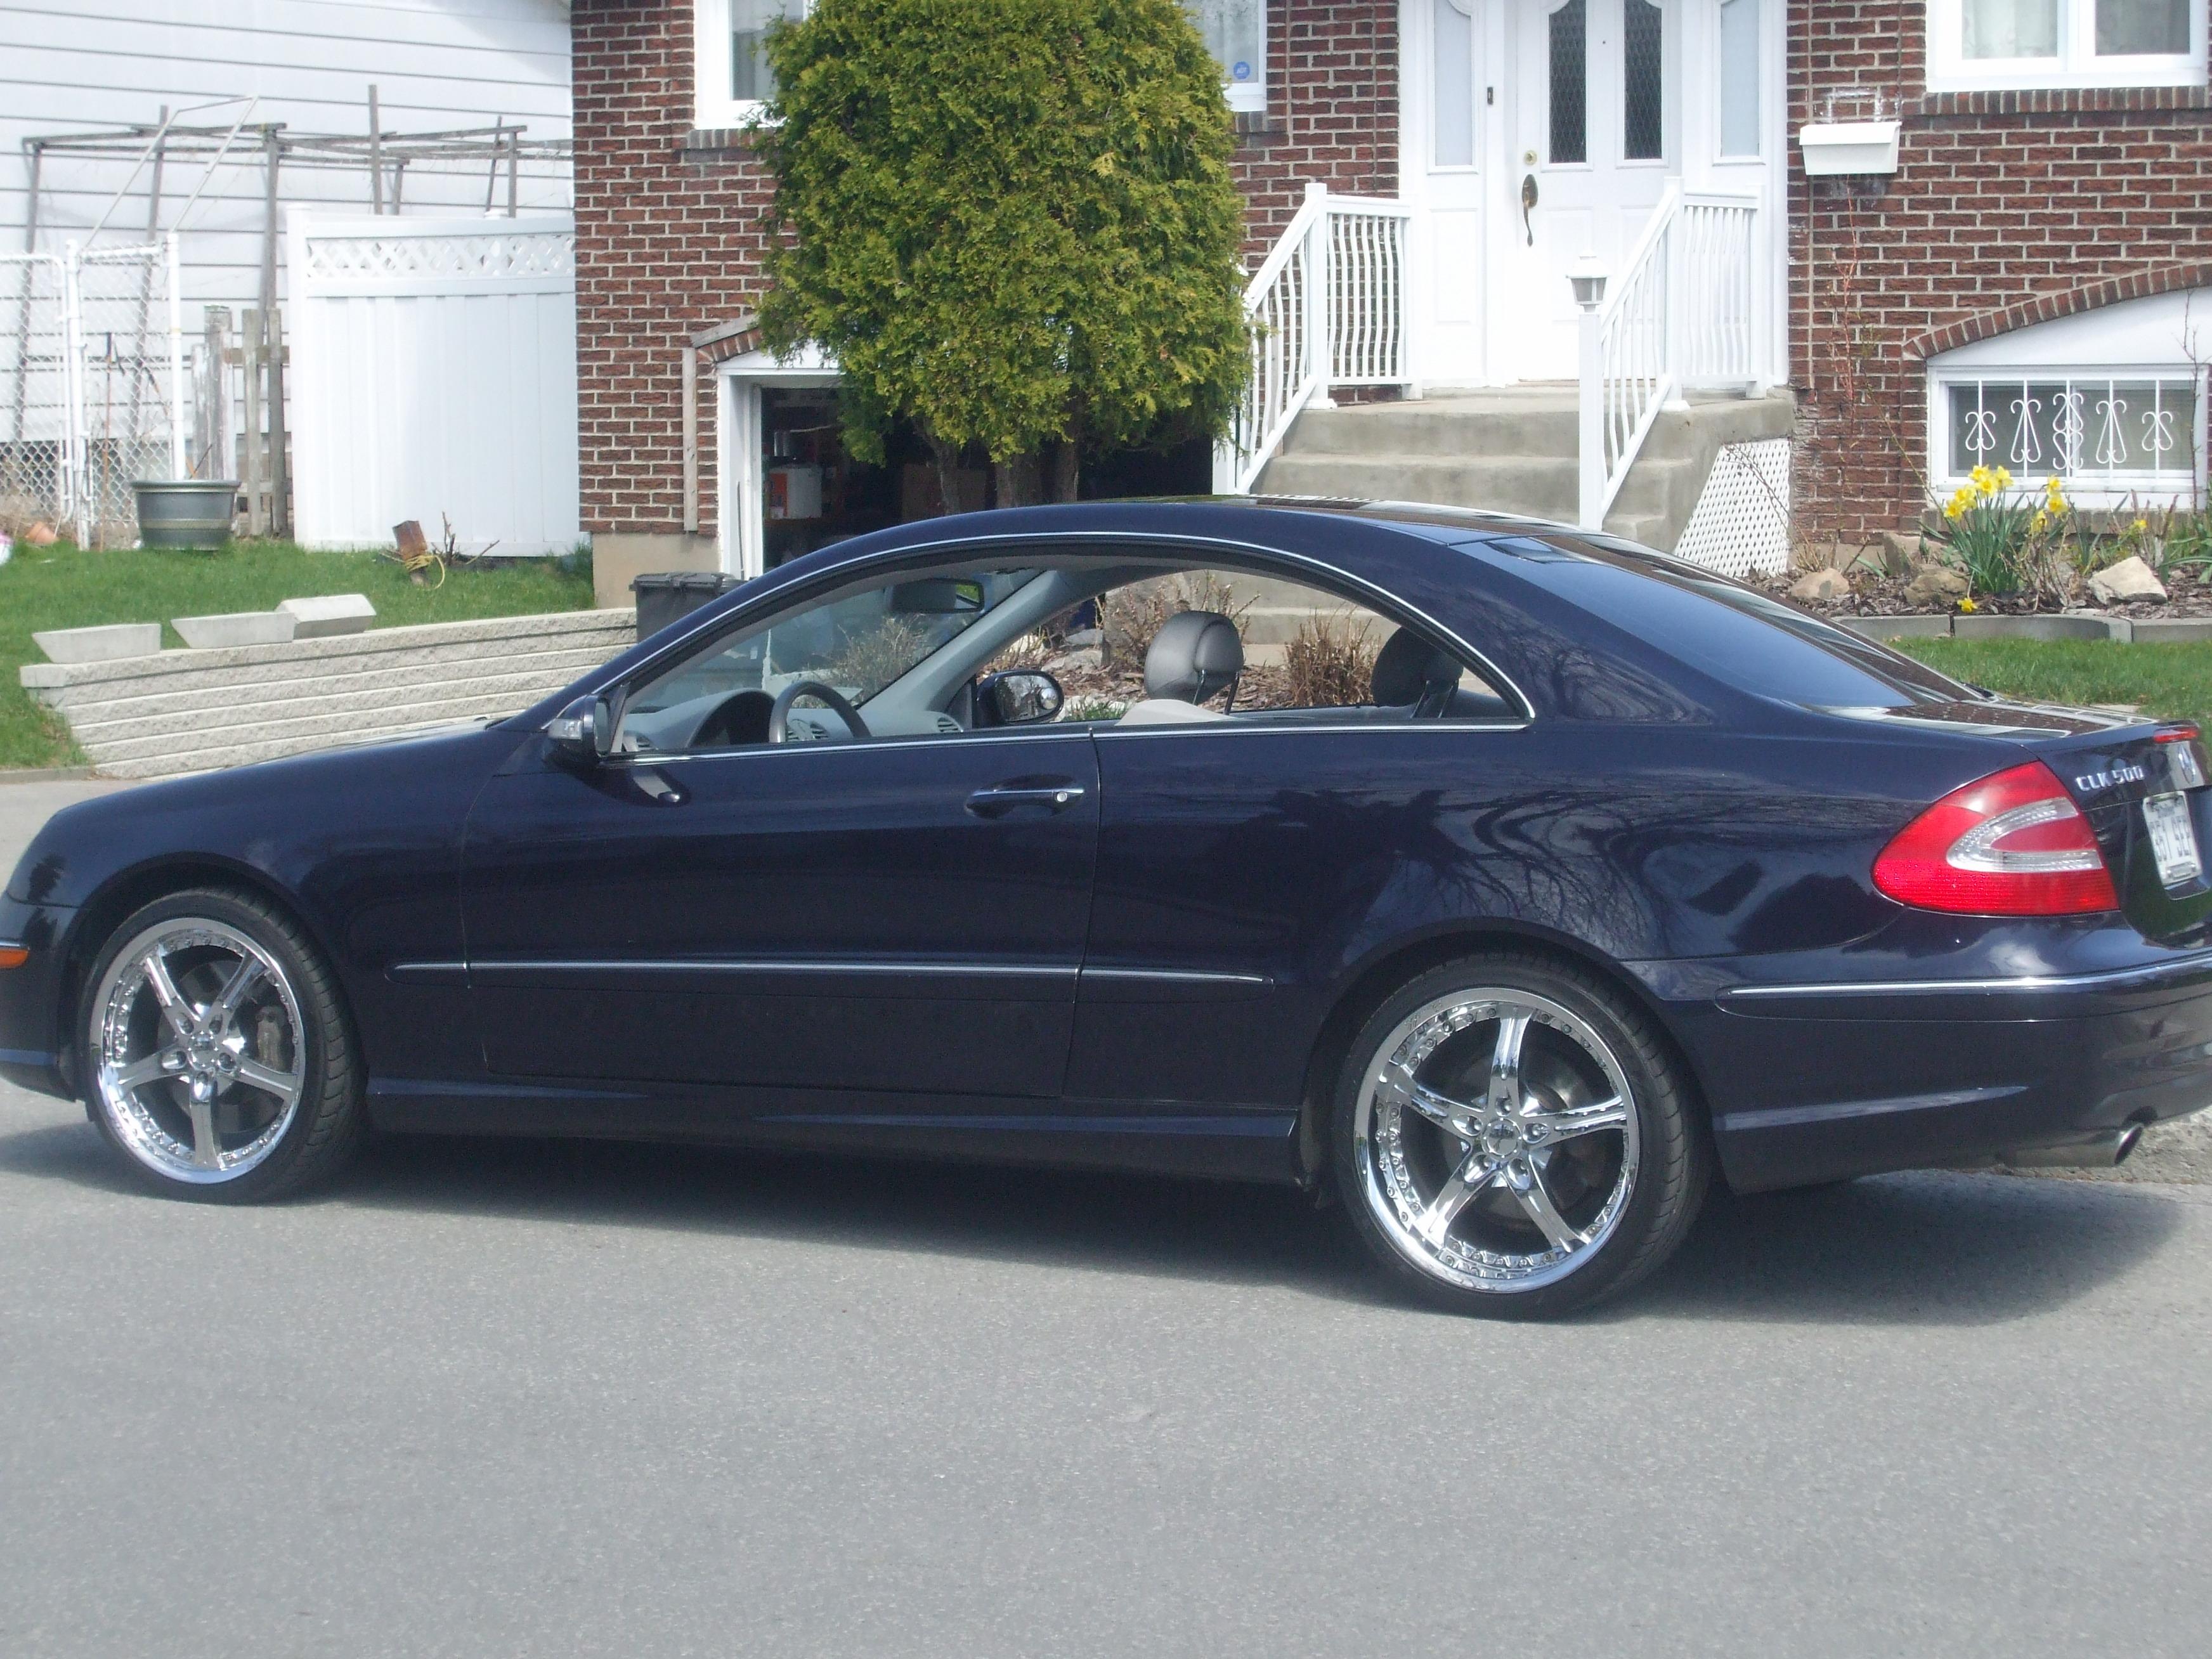 2003 Mercedes Benz Clk Class Image 7